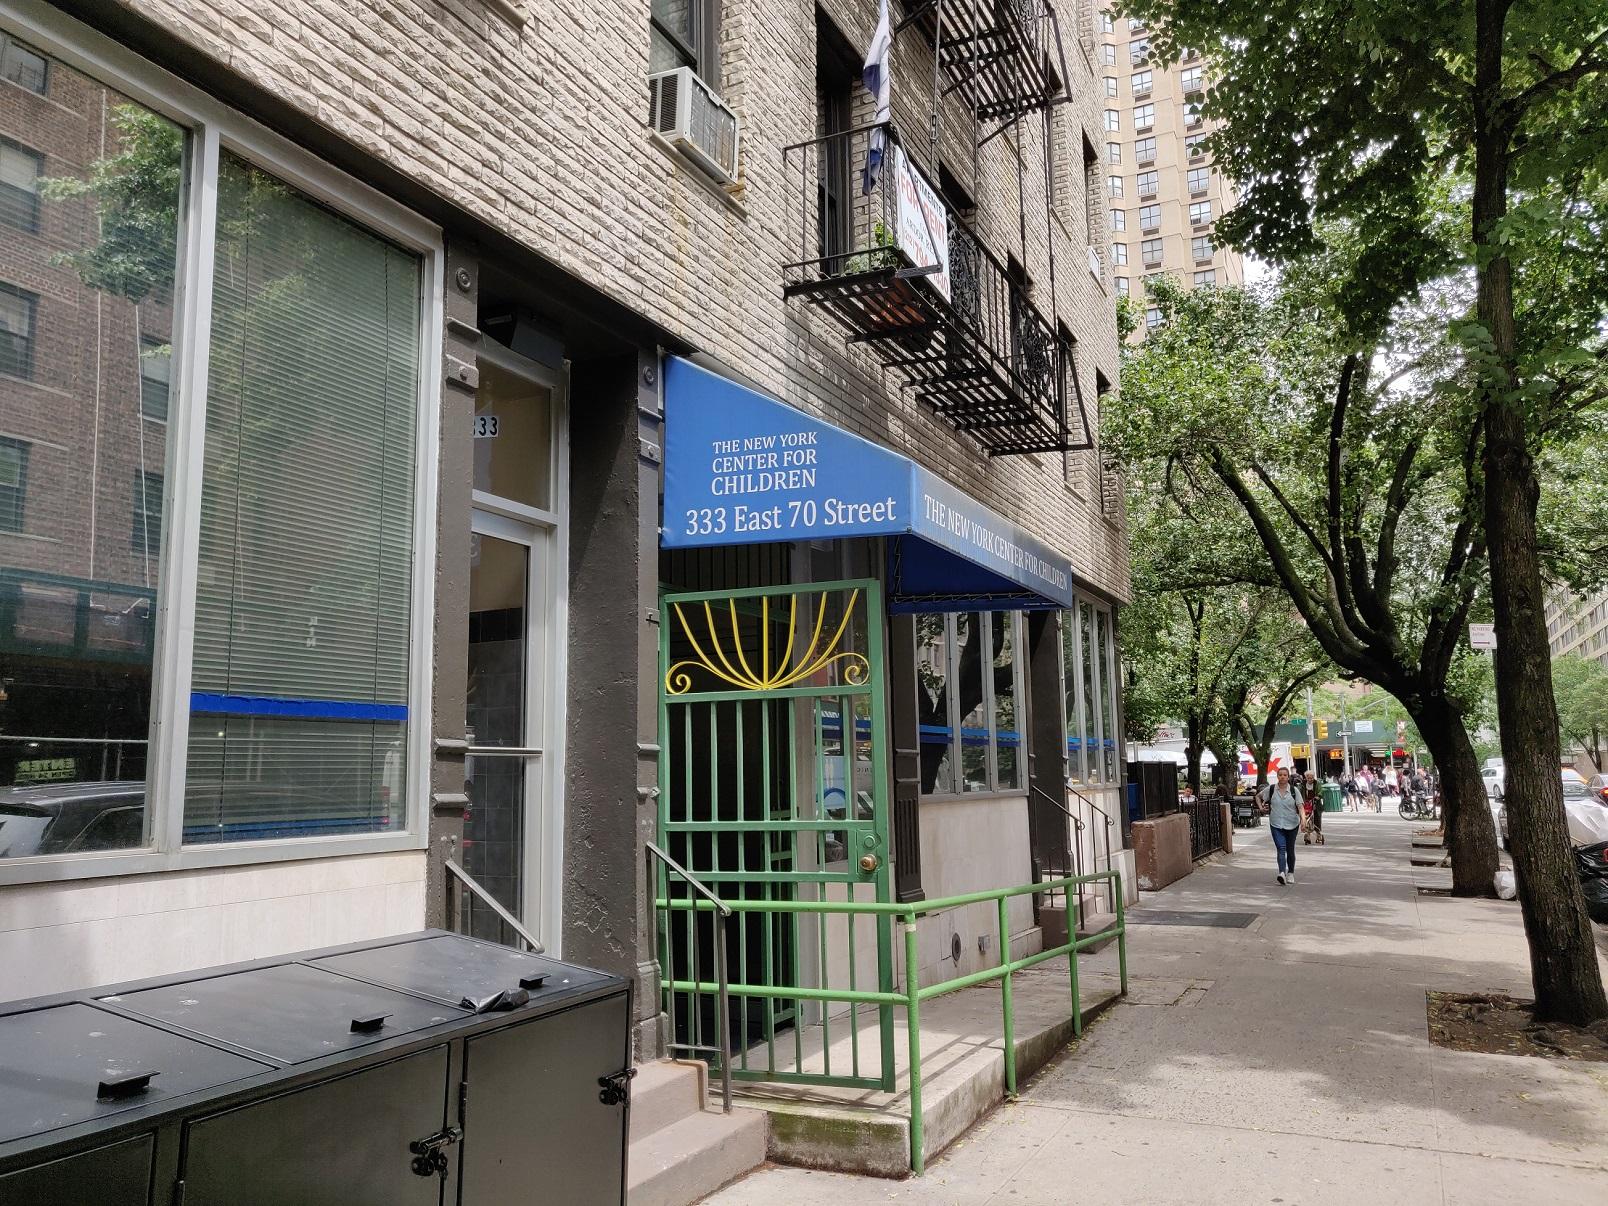 New York Center for Children